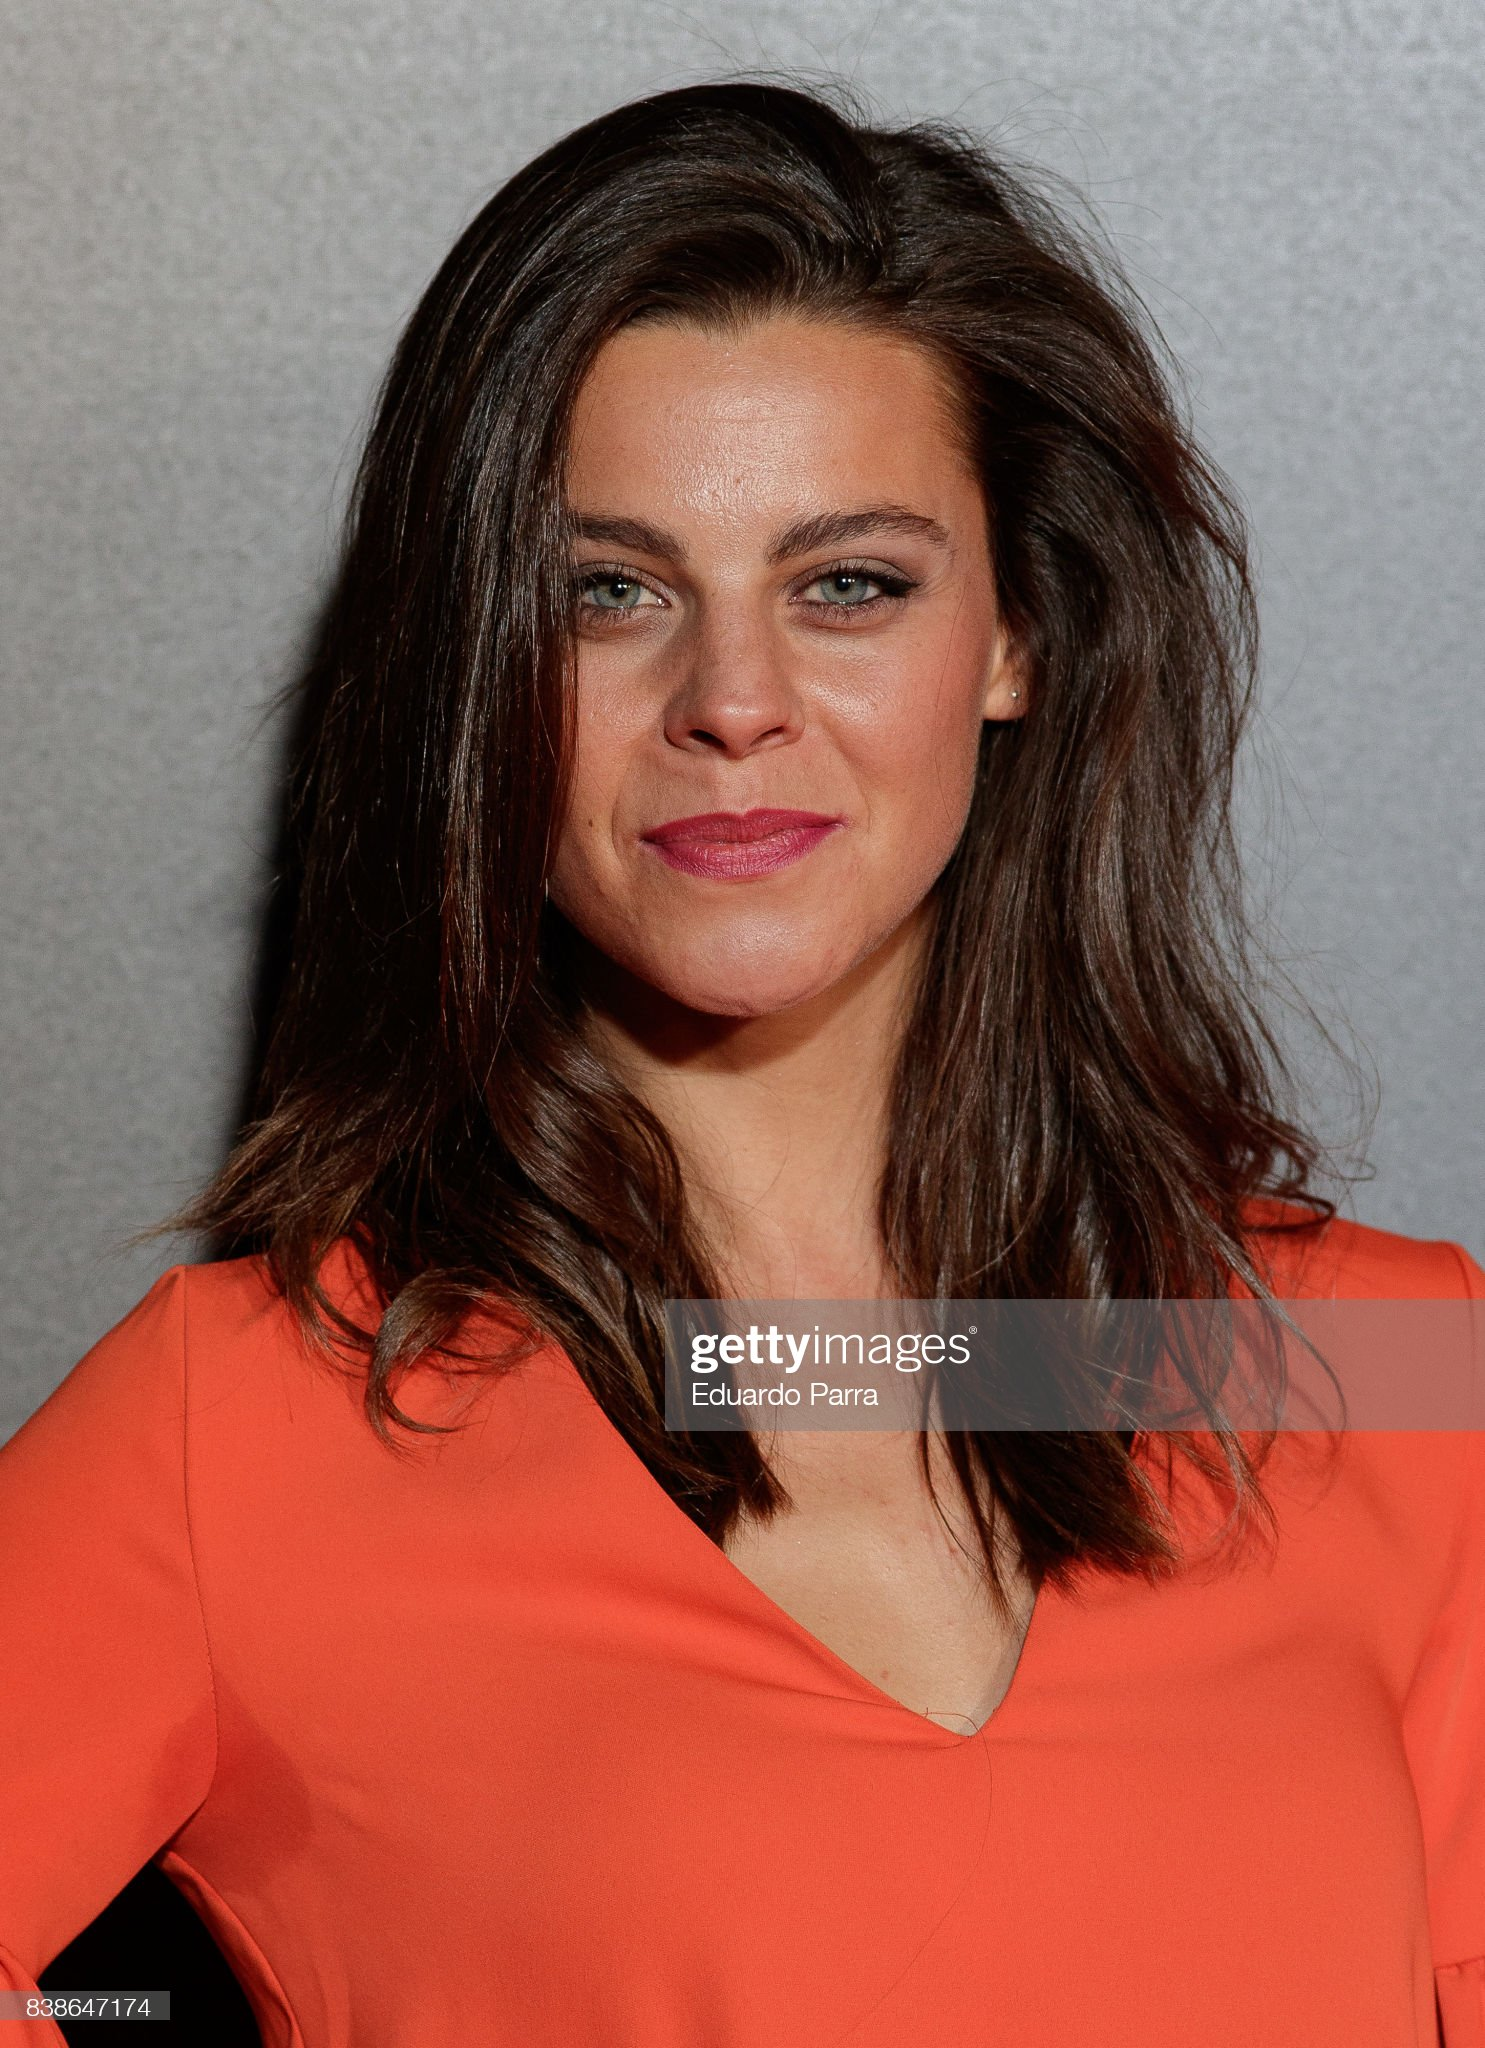 ¿Cuánto mide Clara Alvarado? - Altura  Actress-clara-alvarado-attends-the-veronica-premiere-at-kinepolis-on-picture-id838647174?s=2048x2048